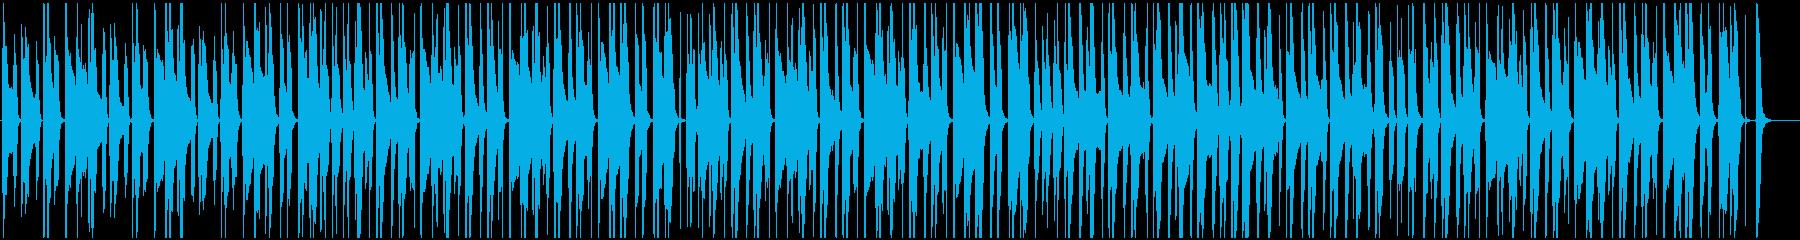 ほのぼの散歩 スキップ アコギ 木琴の再生済みの波形